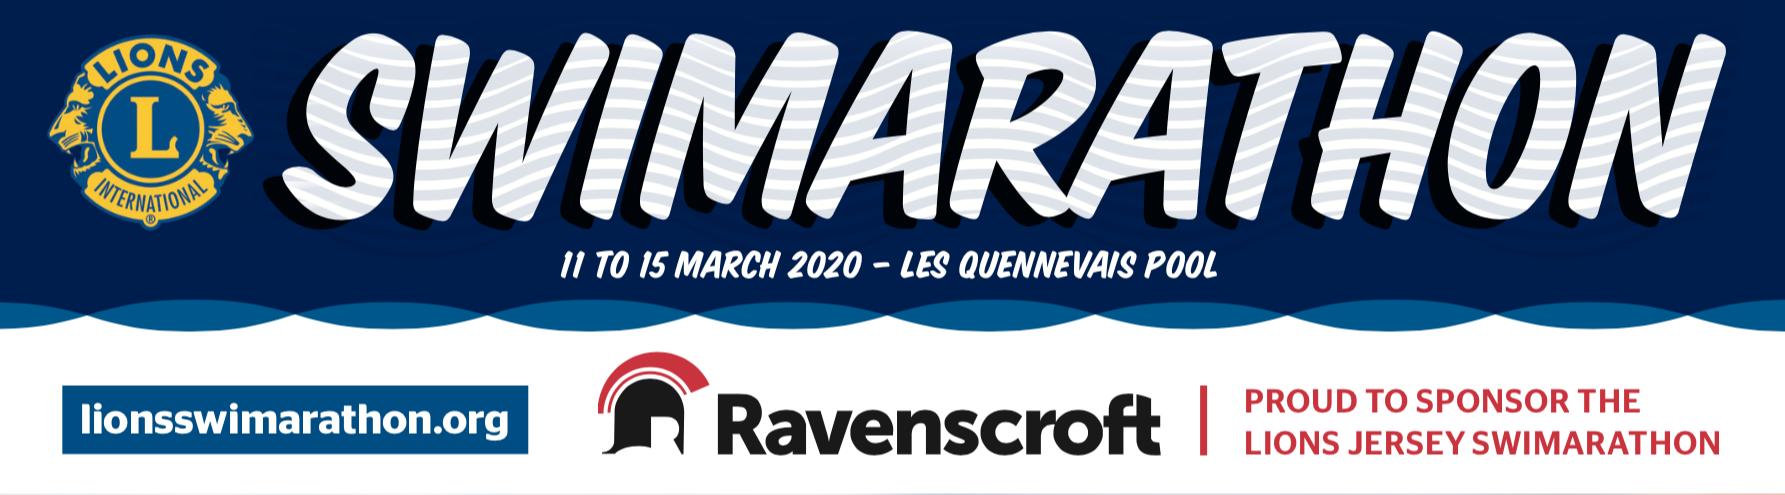 Swimarathon Jersey 2020